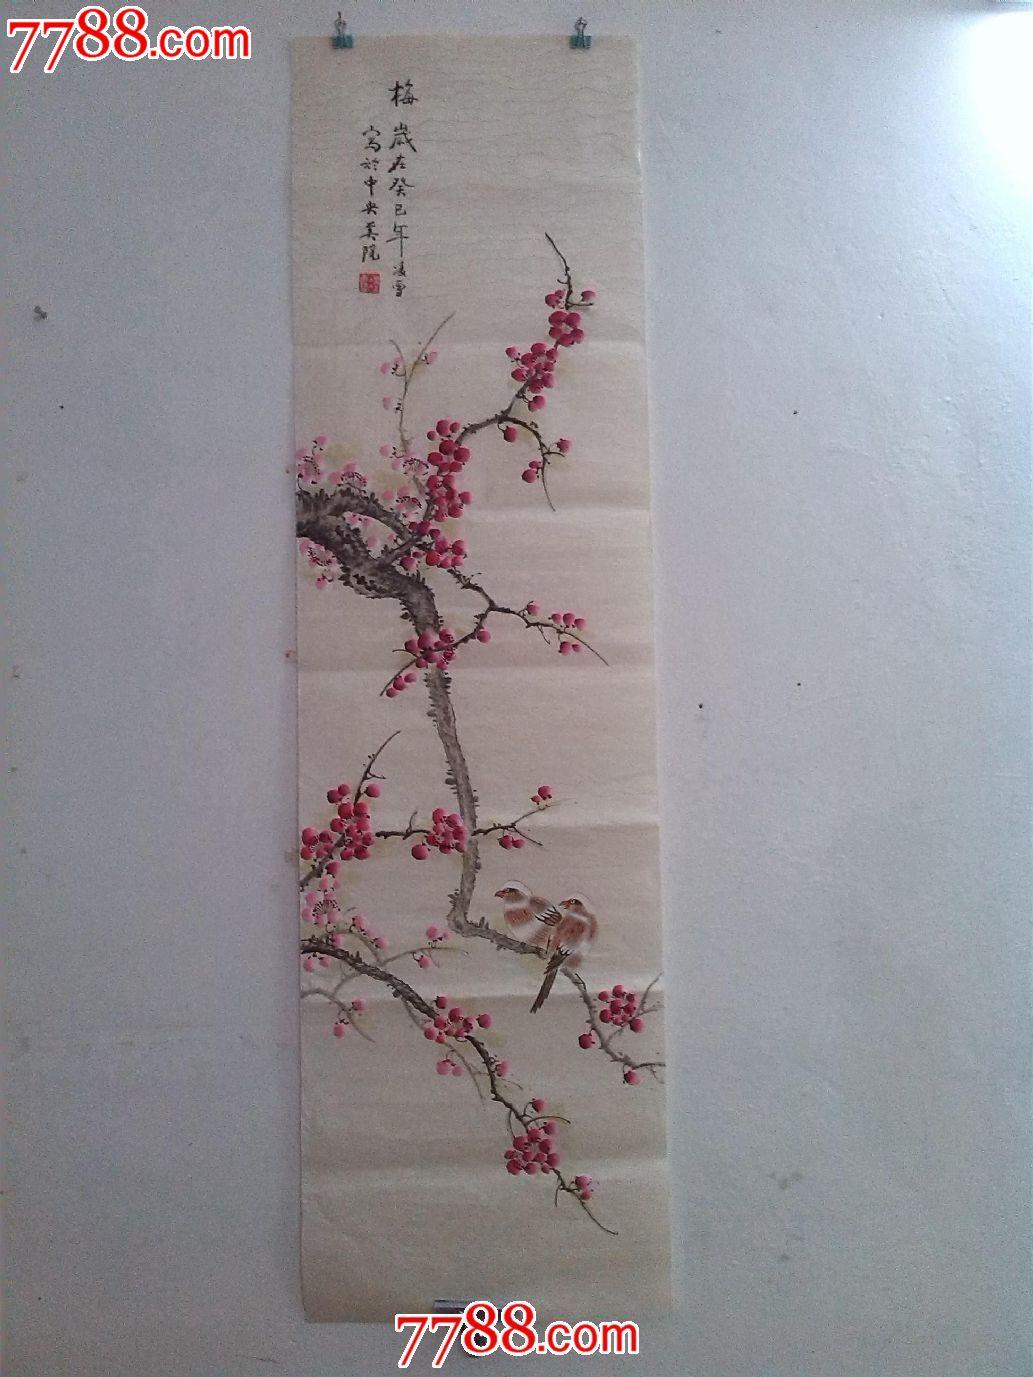 画郭凌雪 凌雪工笔画花鸟画四尺条幅